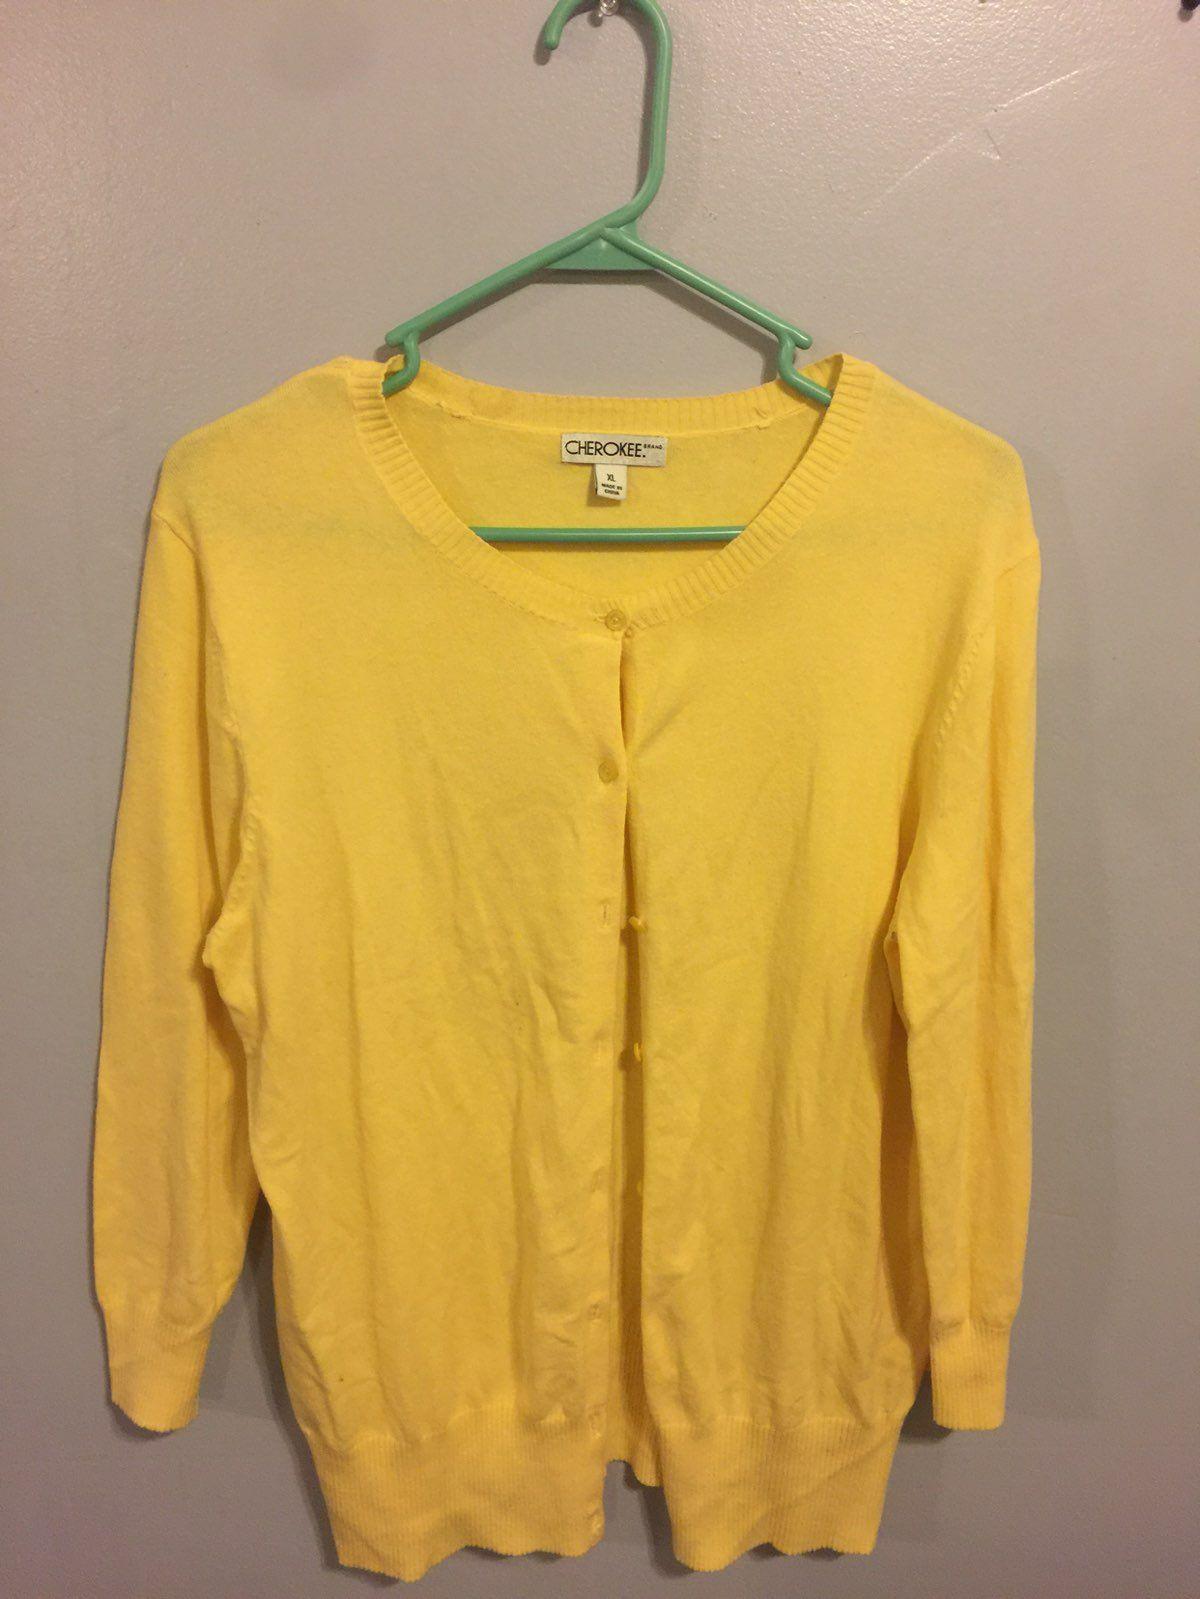 Women's Cherokee Xl Yellow Sweater - Mercari: BUY & SELL THINGS ...